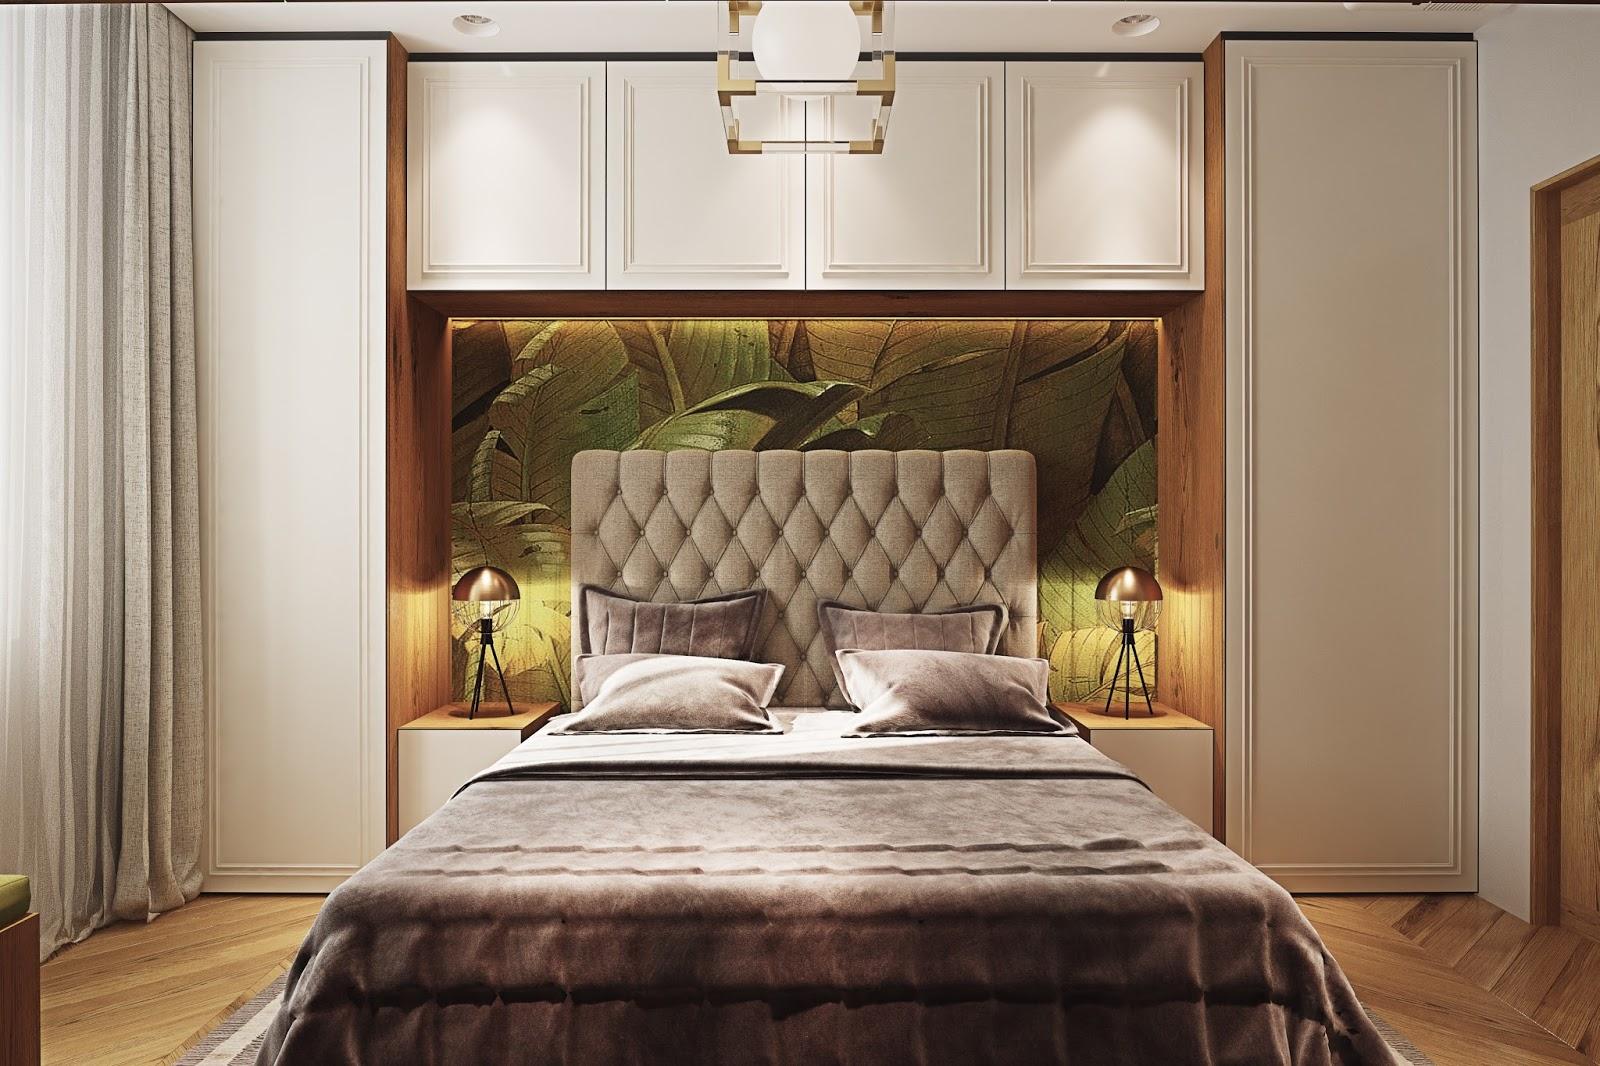 Спальня с комодами вокруг кровати дизайн фото